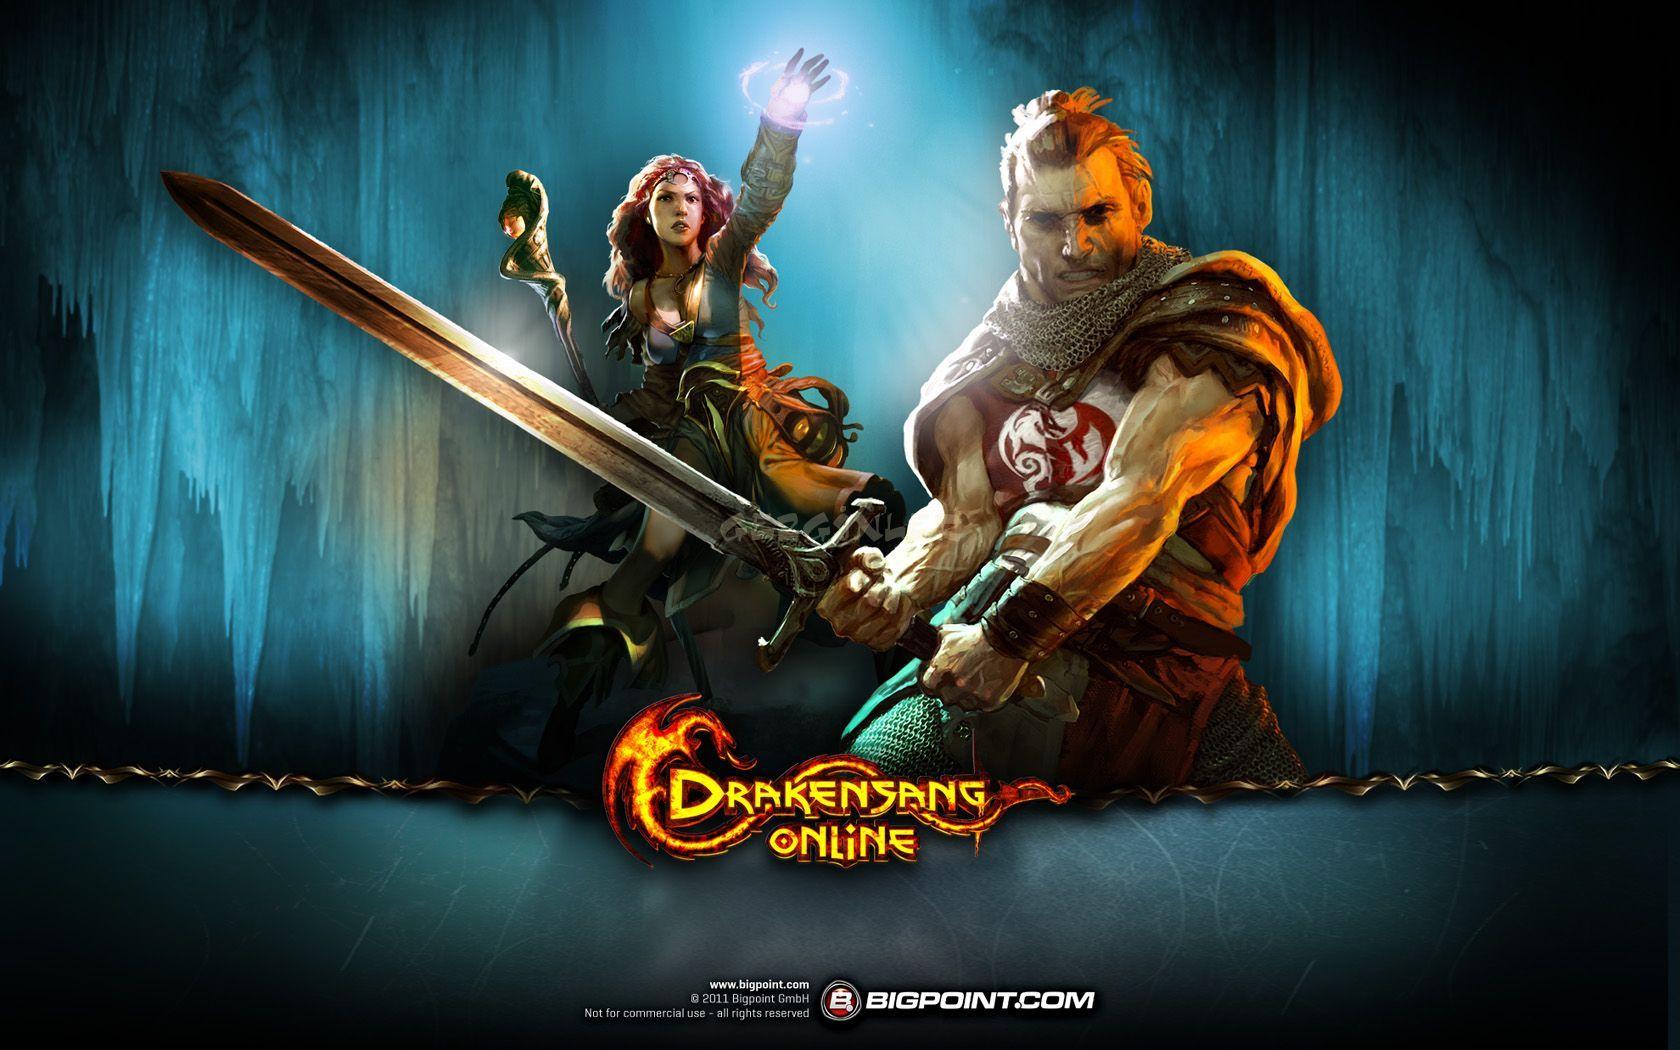 drakensang online drakensang efsanesinin ilk online oyunudur kahraman